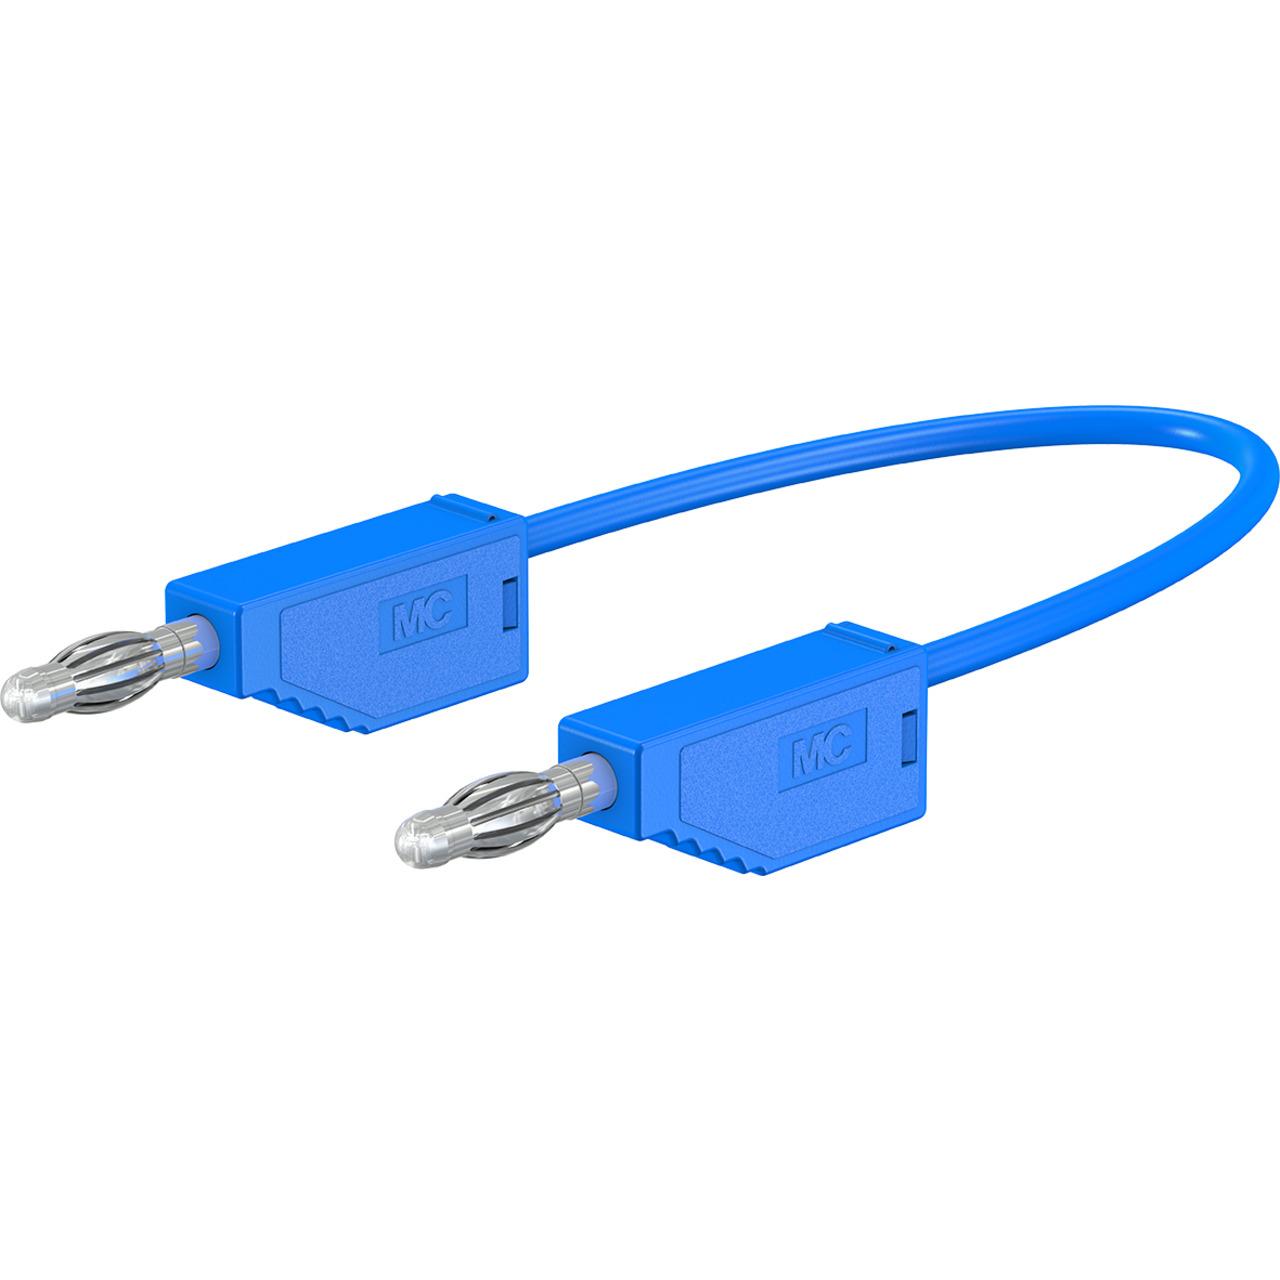 Silikon-Verbindungsleitungen LK425-A-SIL 4 mm- 30A- 1m- blau